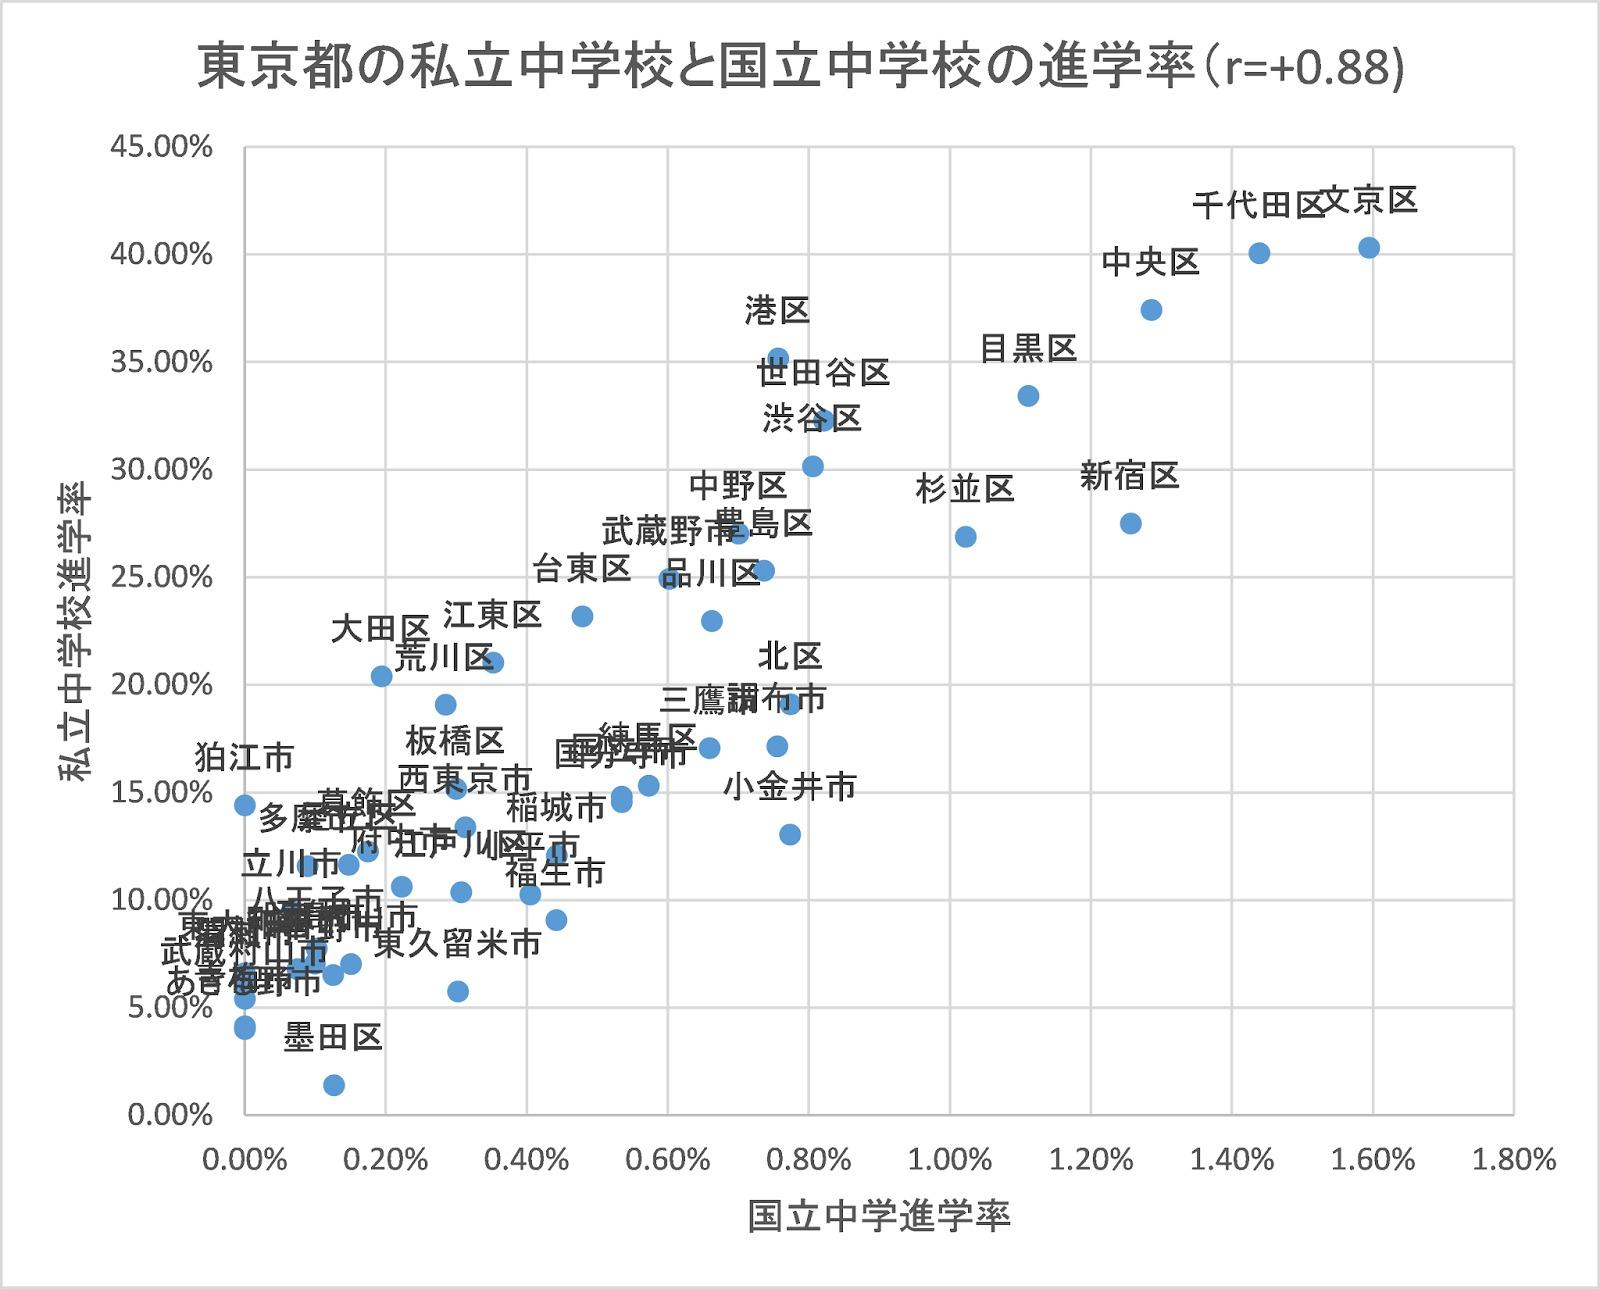 도쿄 진학률 학교 성적은 지역 및 가정환경, 부모 교육수준에 비례